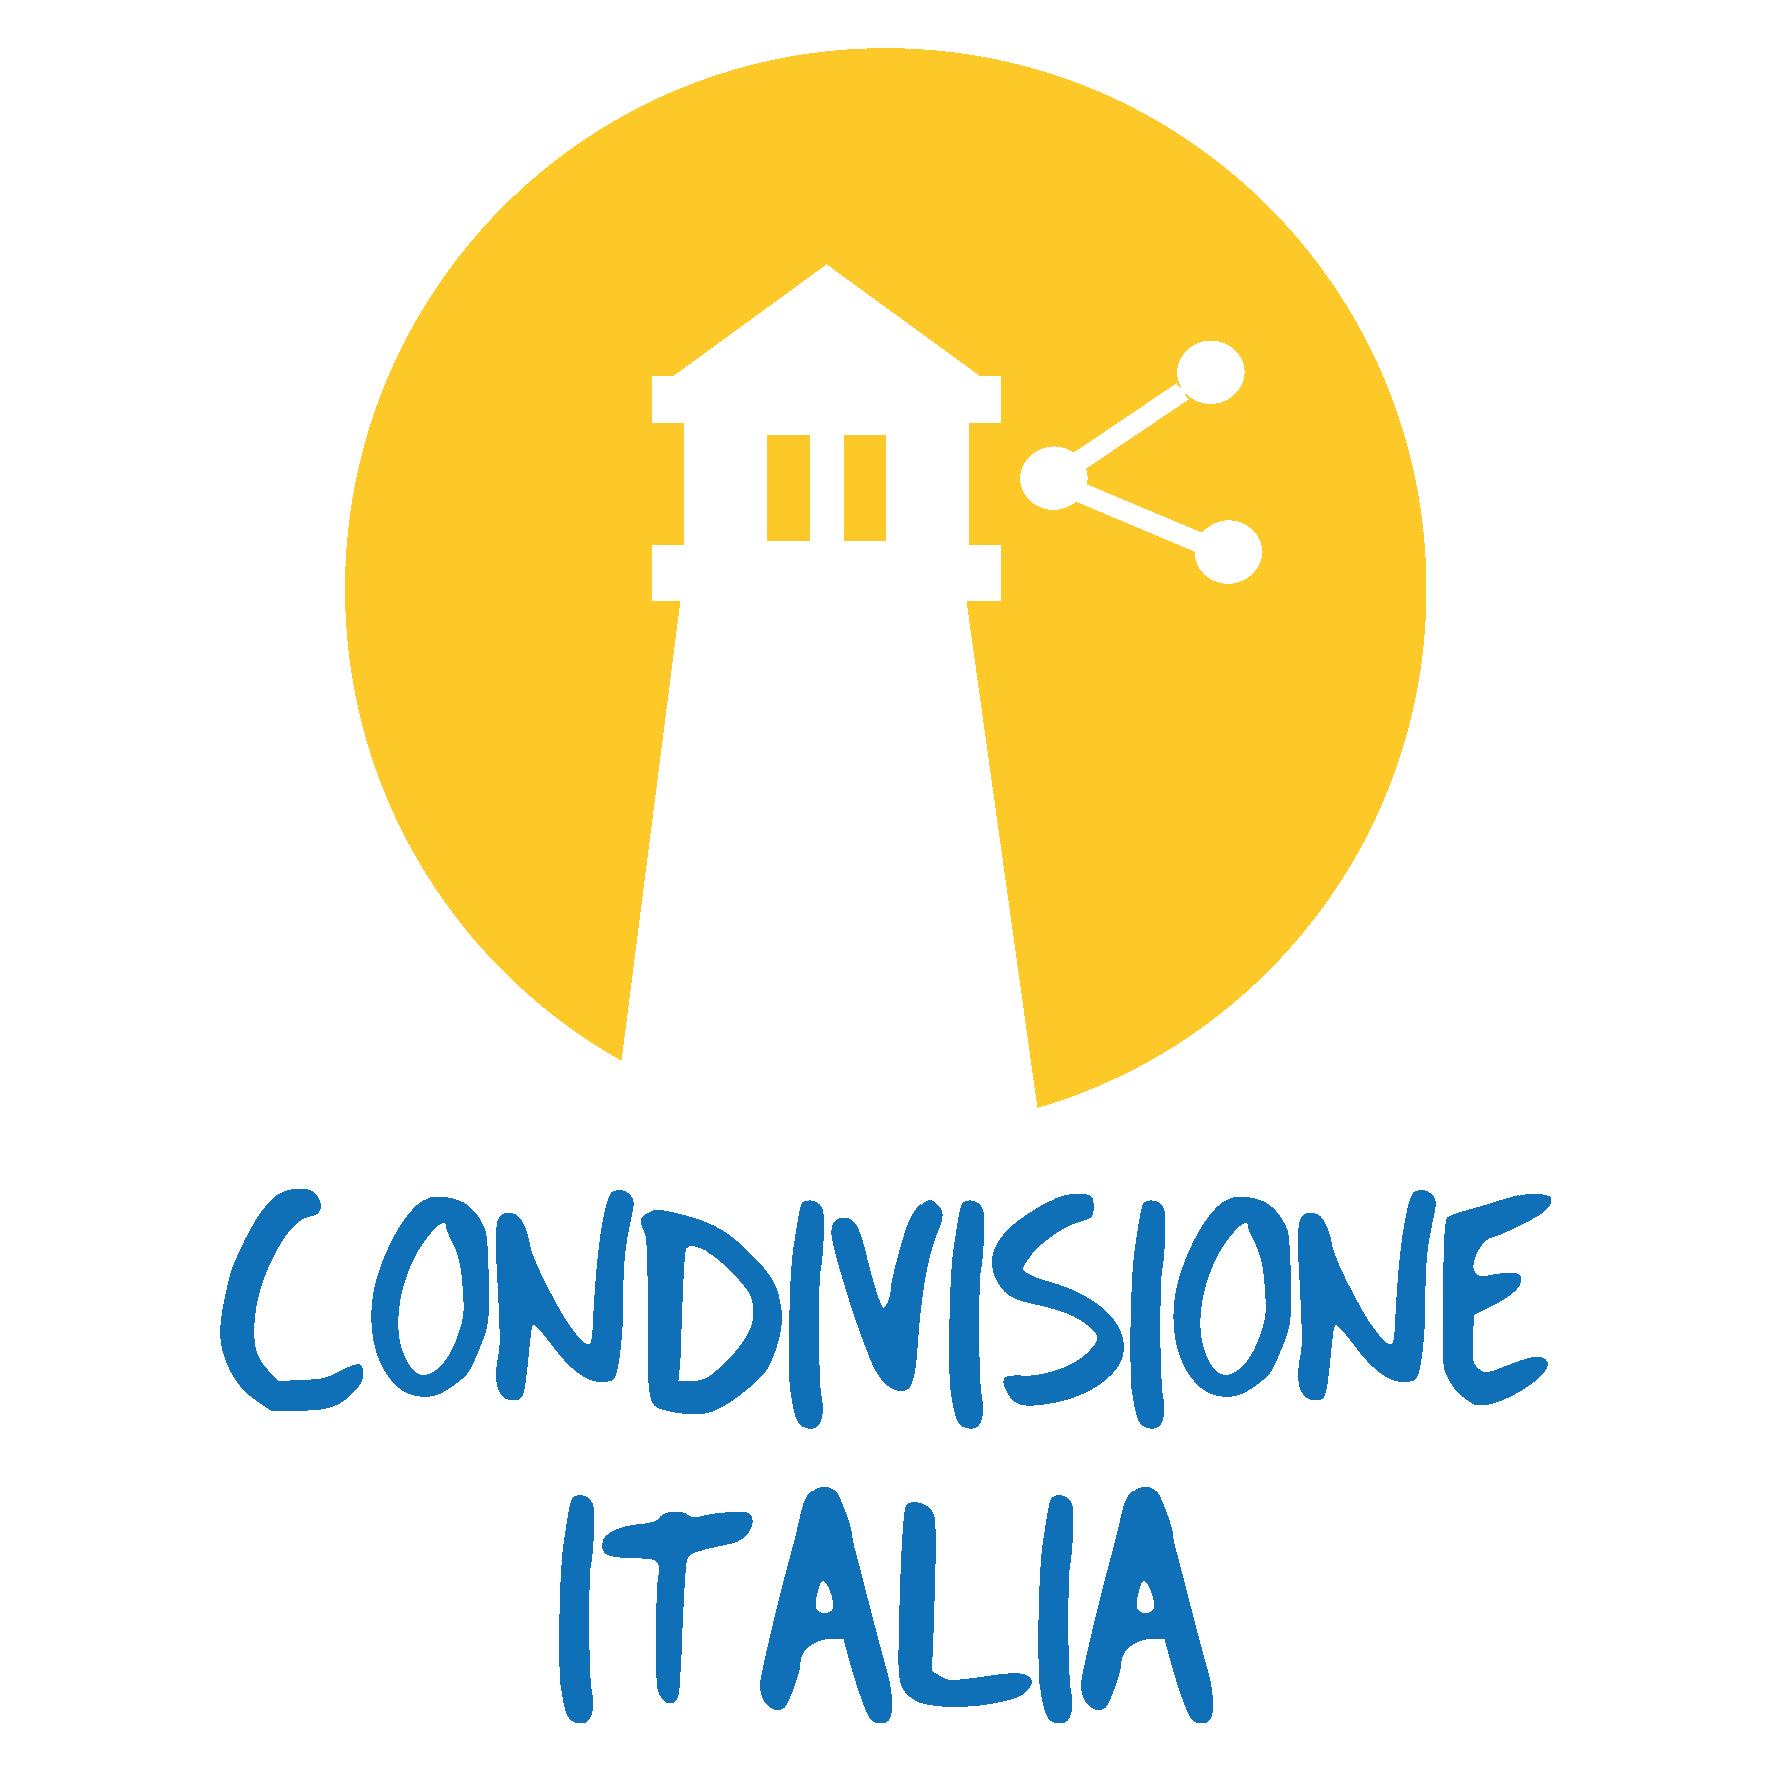 Condivisione Italia